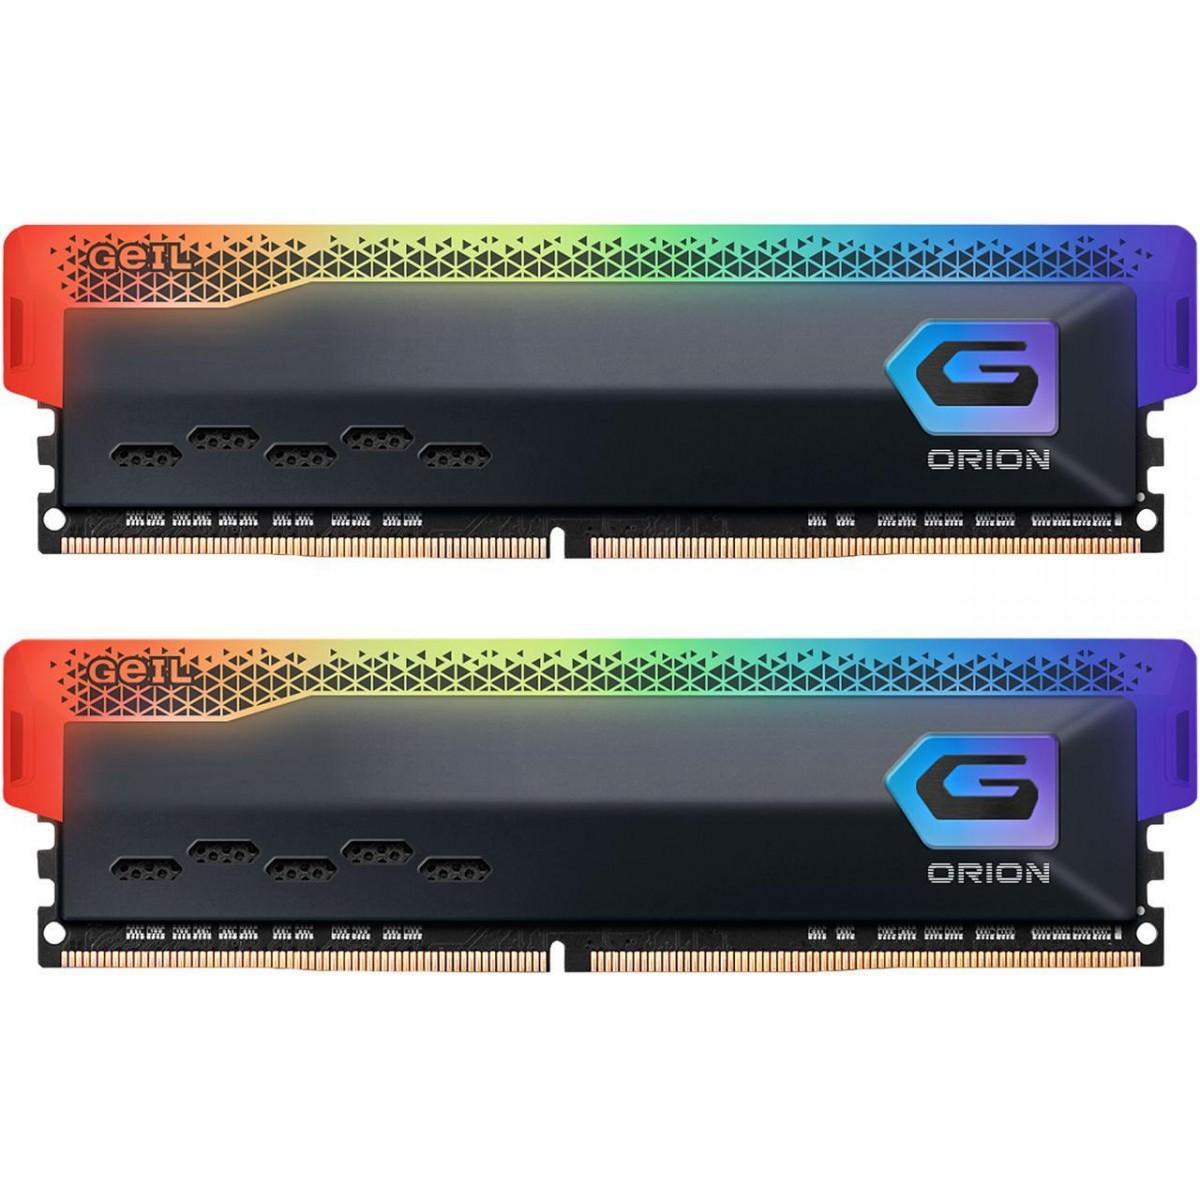 Memória DDR4 Geil Orion, Edição AMD, 16GB (2x8GB) 3200MHz, RGB, Grey, GAOSG416GB3200C22DC